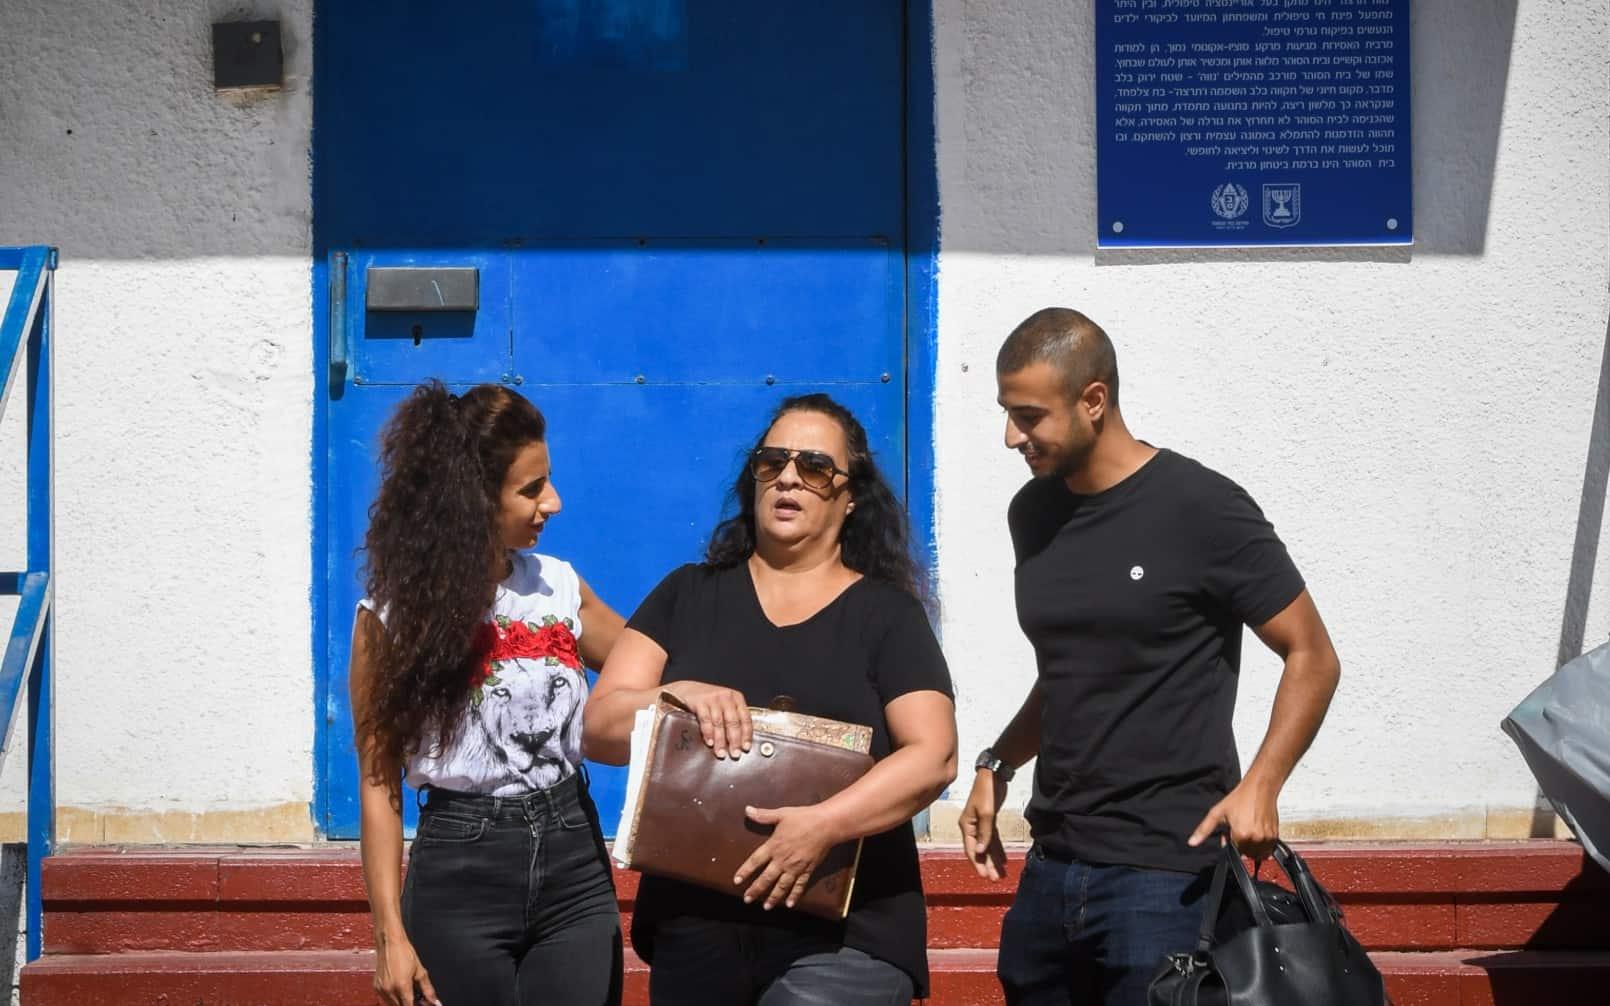 סימונה מורי משתחררת ממאסר (צילום: Avshalom Shoshoni/Flash90)